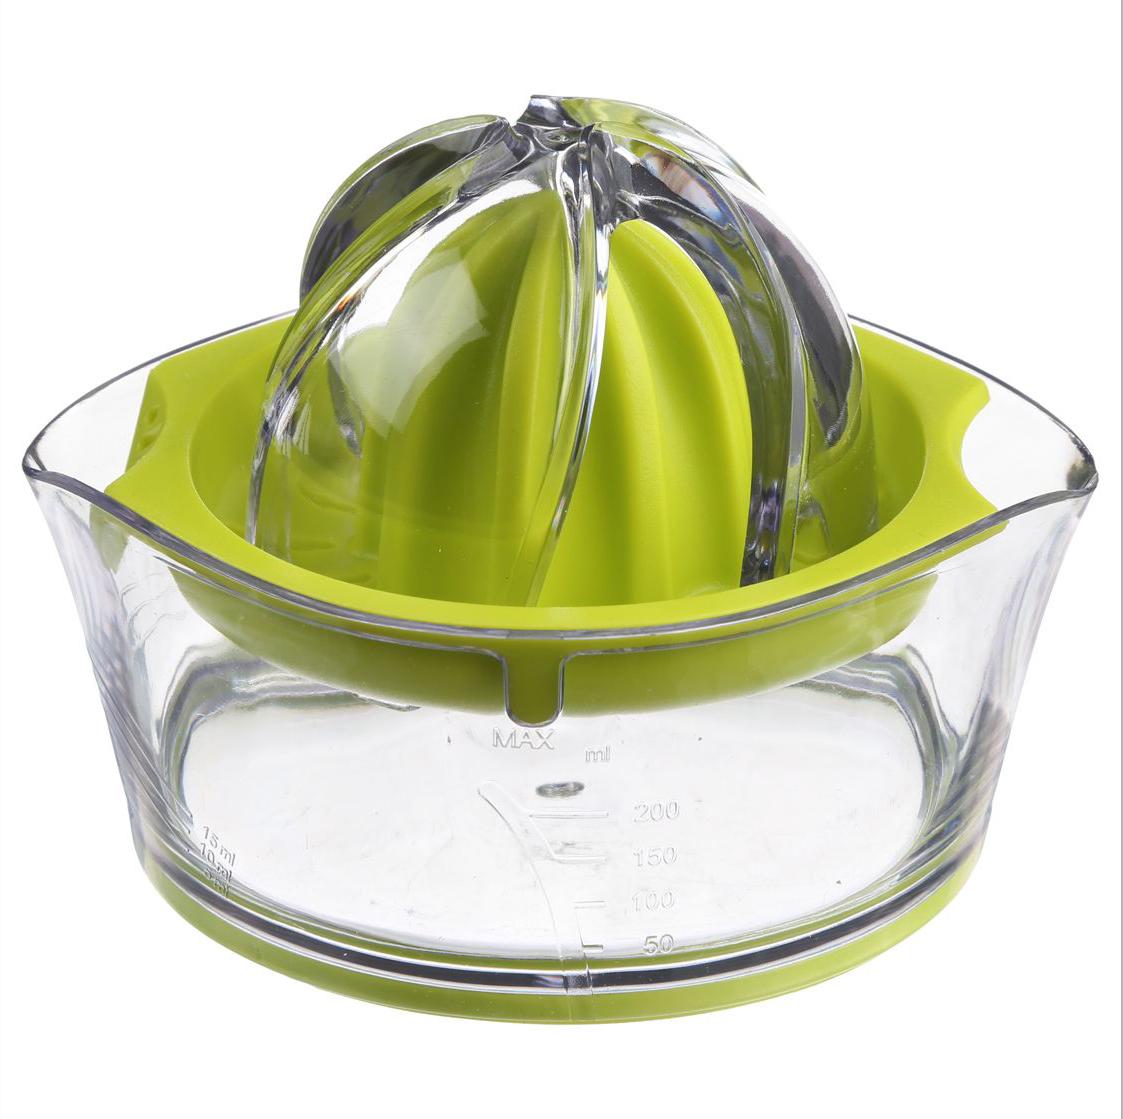 Соковыжималка для цитрусовых JJA, цвет: зеленый, 14 х 12 х 9 см128657BКлассическая соковыжималка для цитрусовых, имеет яркий, изысканный дизайн. Шкала, нанесённая на прозрачный контейнер, поможет точно определить объём выжатого сока, а если Вы предпочитаете этот напиток без мякоти, то специальная решеточка не позволит ей попасть в Ваш стакан.